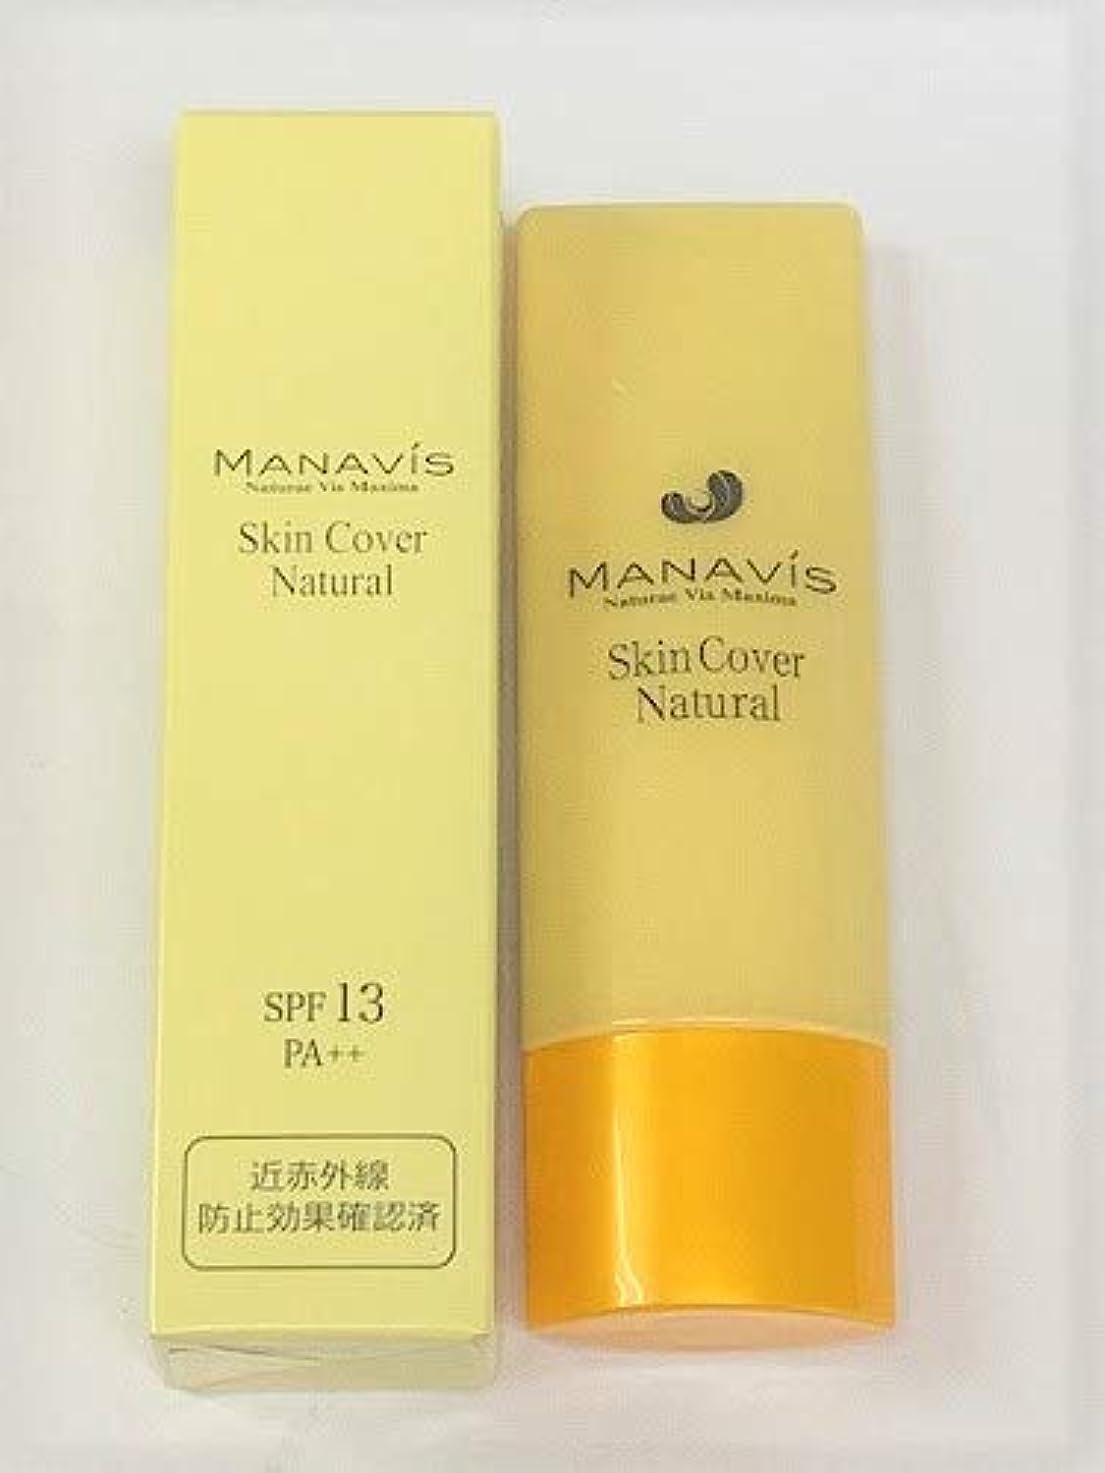 パイント謝罪するシーンMANAVIS マナビス化粧品 スキンカバー ナチュラル (日中用化粧液) SPF13 PA++ 30g 172